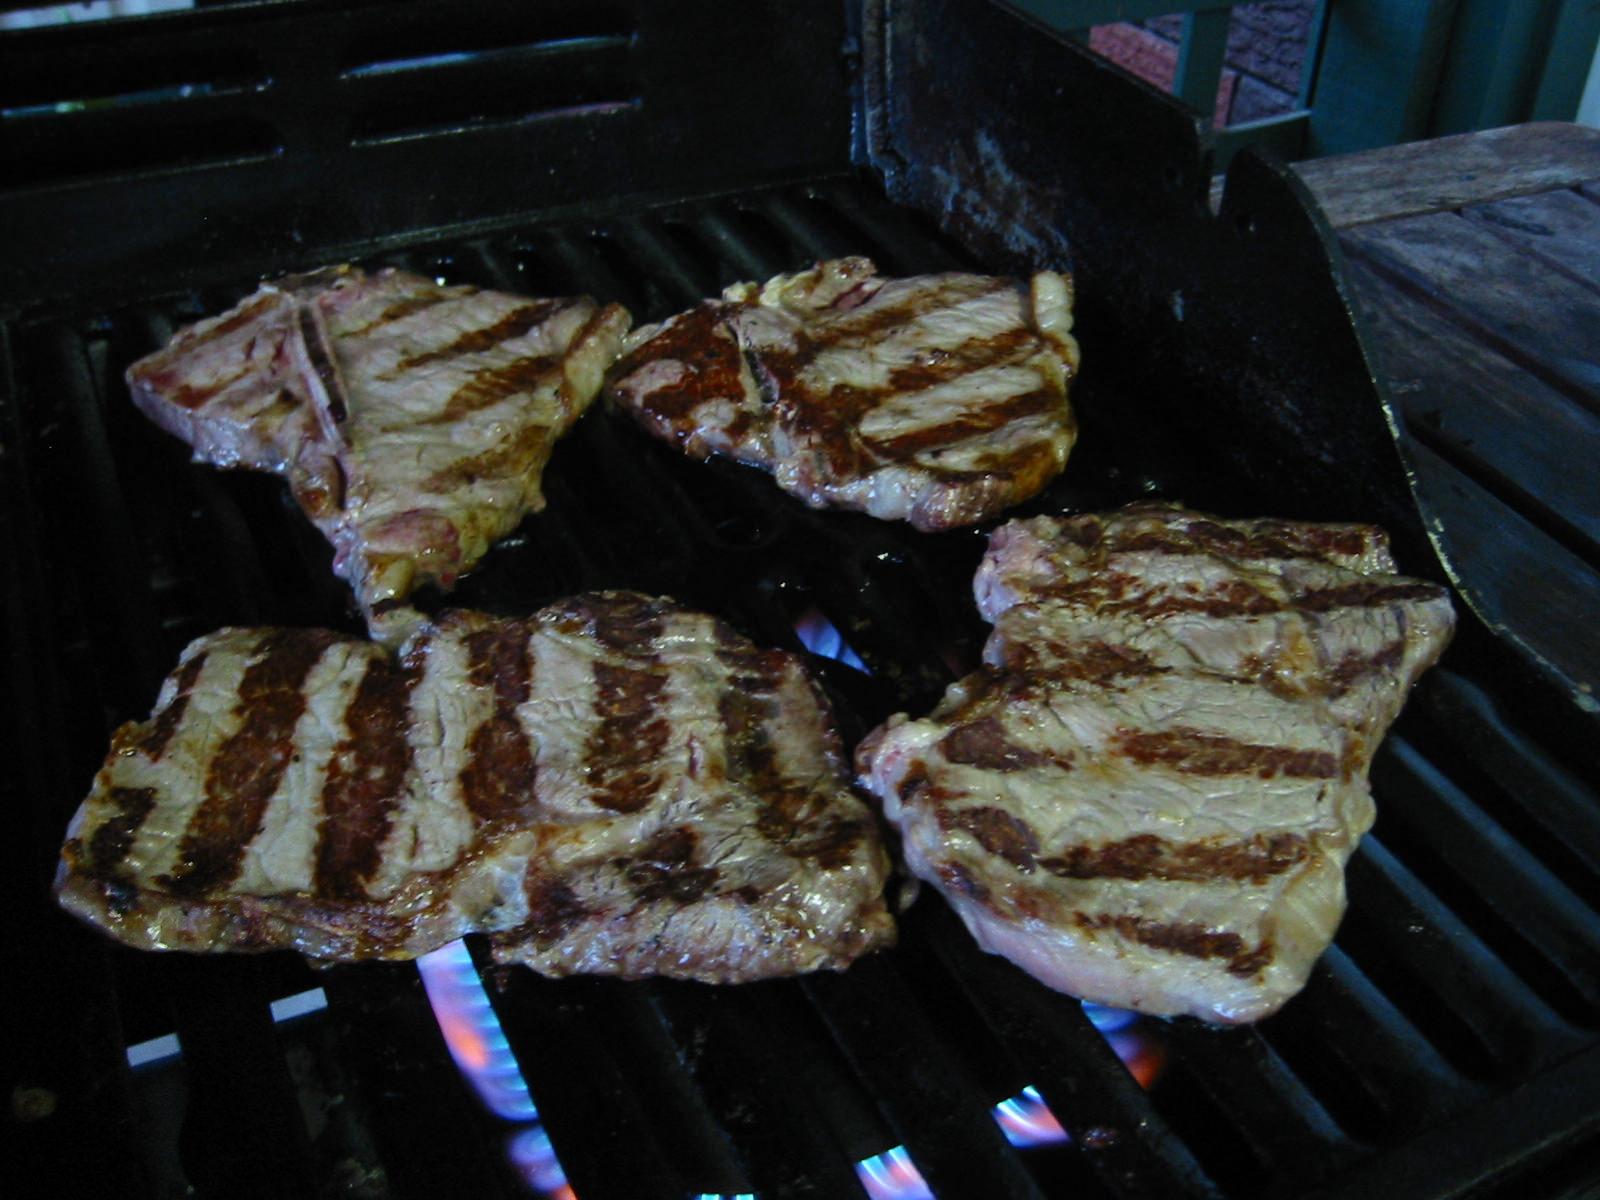 Steaks - no flash